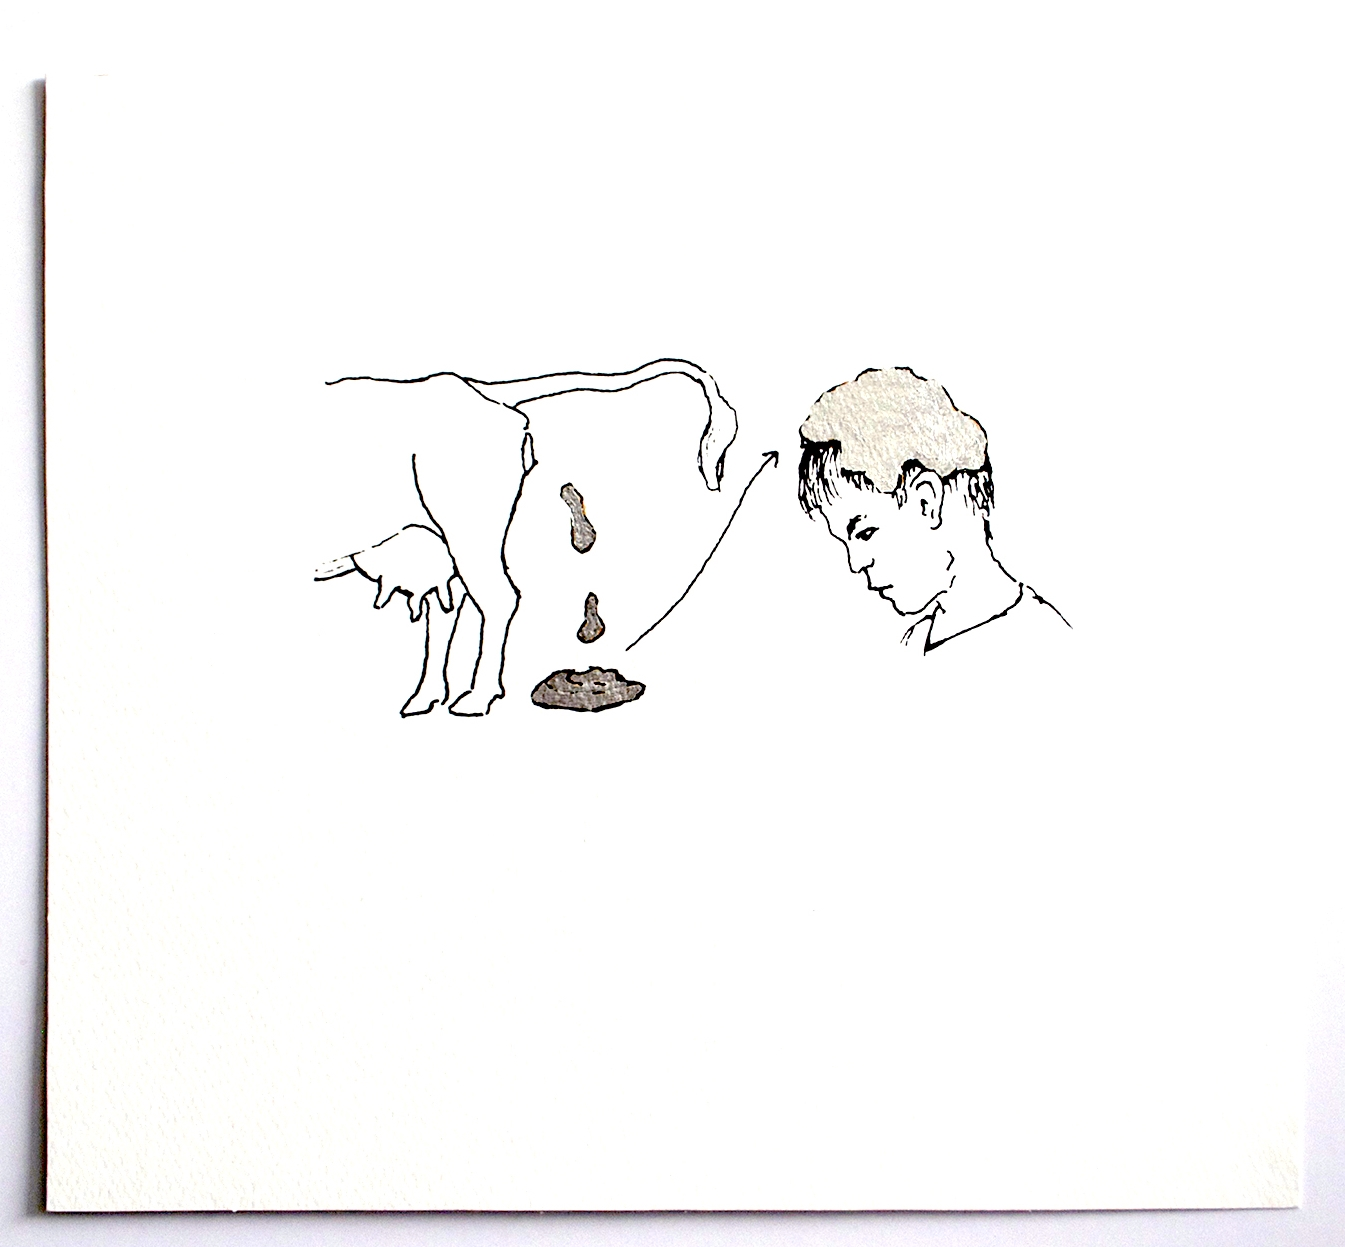 """Untar la """"muñiga"""" de vaca en la cabeza."""